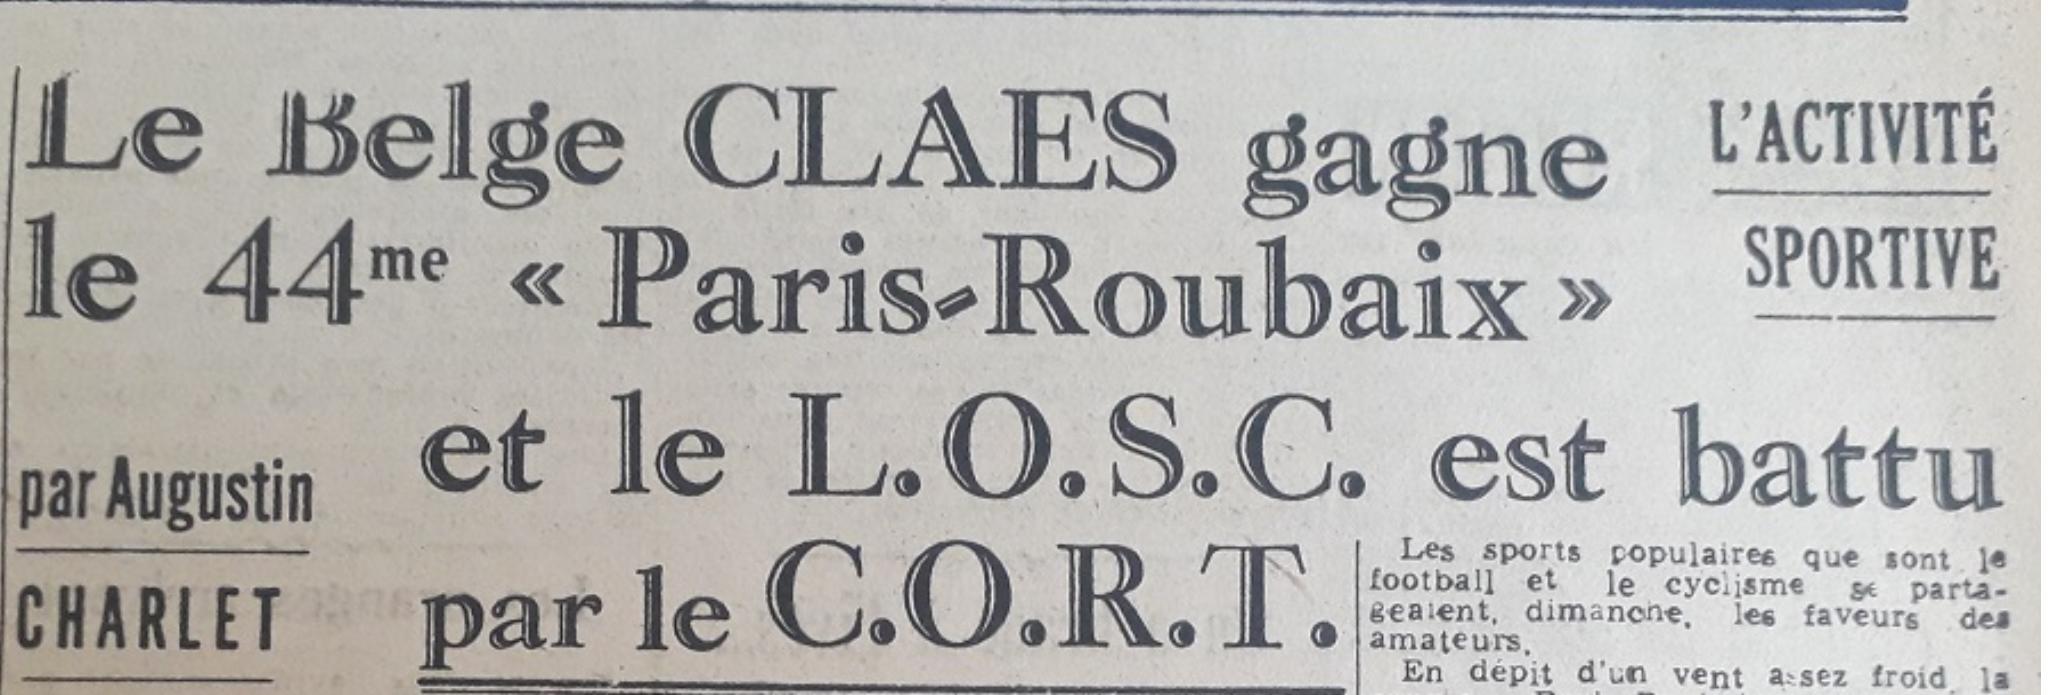 1946 Roubaix